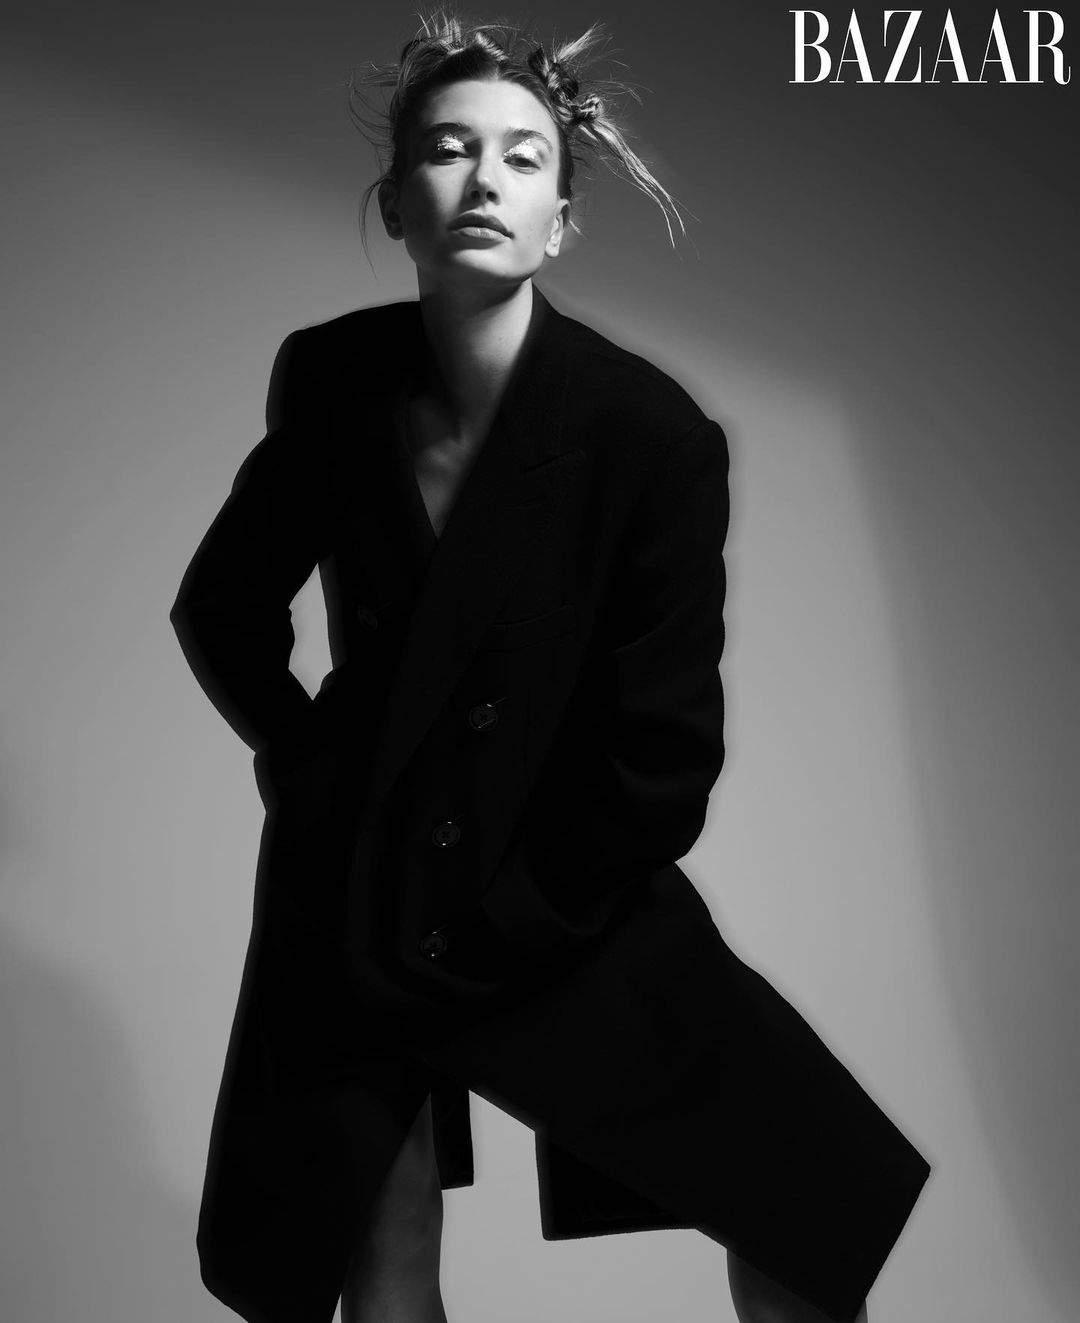 Хейли Бибер появилась на обложке глянца и рассказала о зависимости от соцсетей (ФОТО) - фото №4